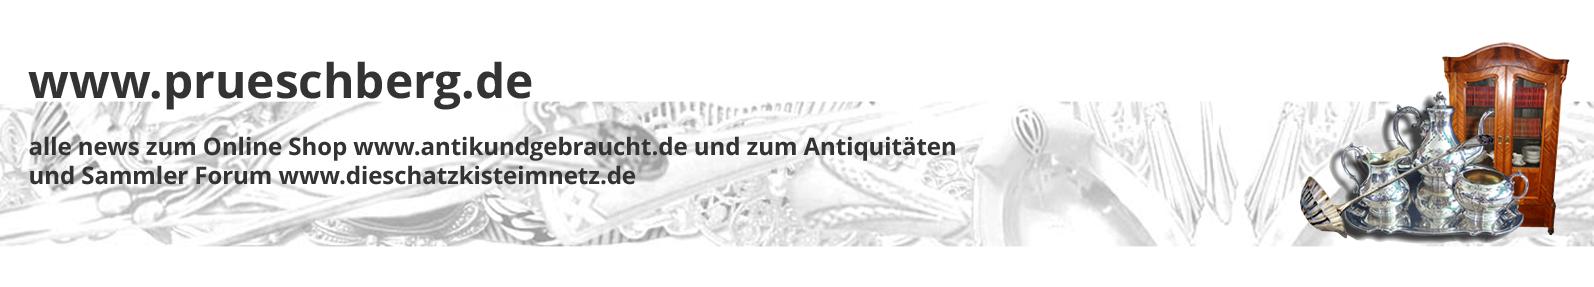 www.prueschberg.de